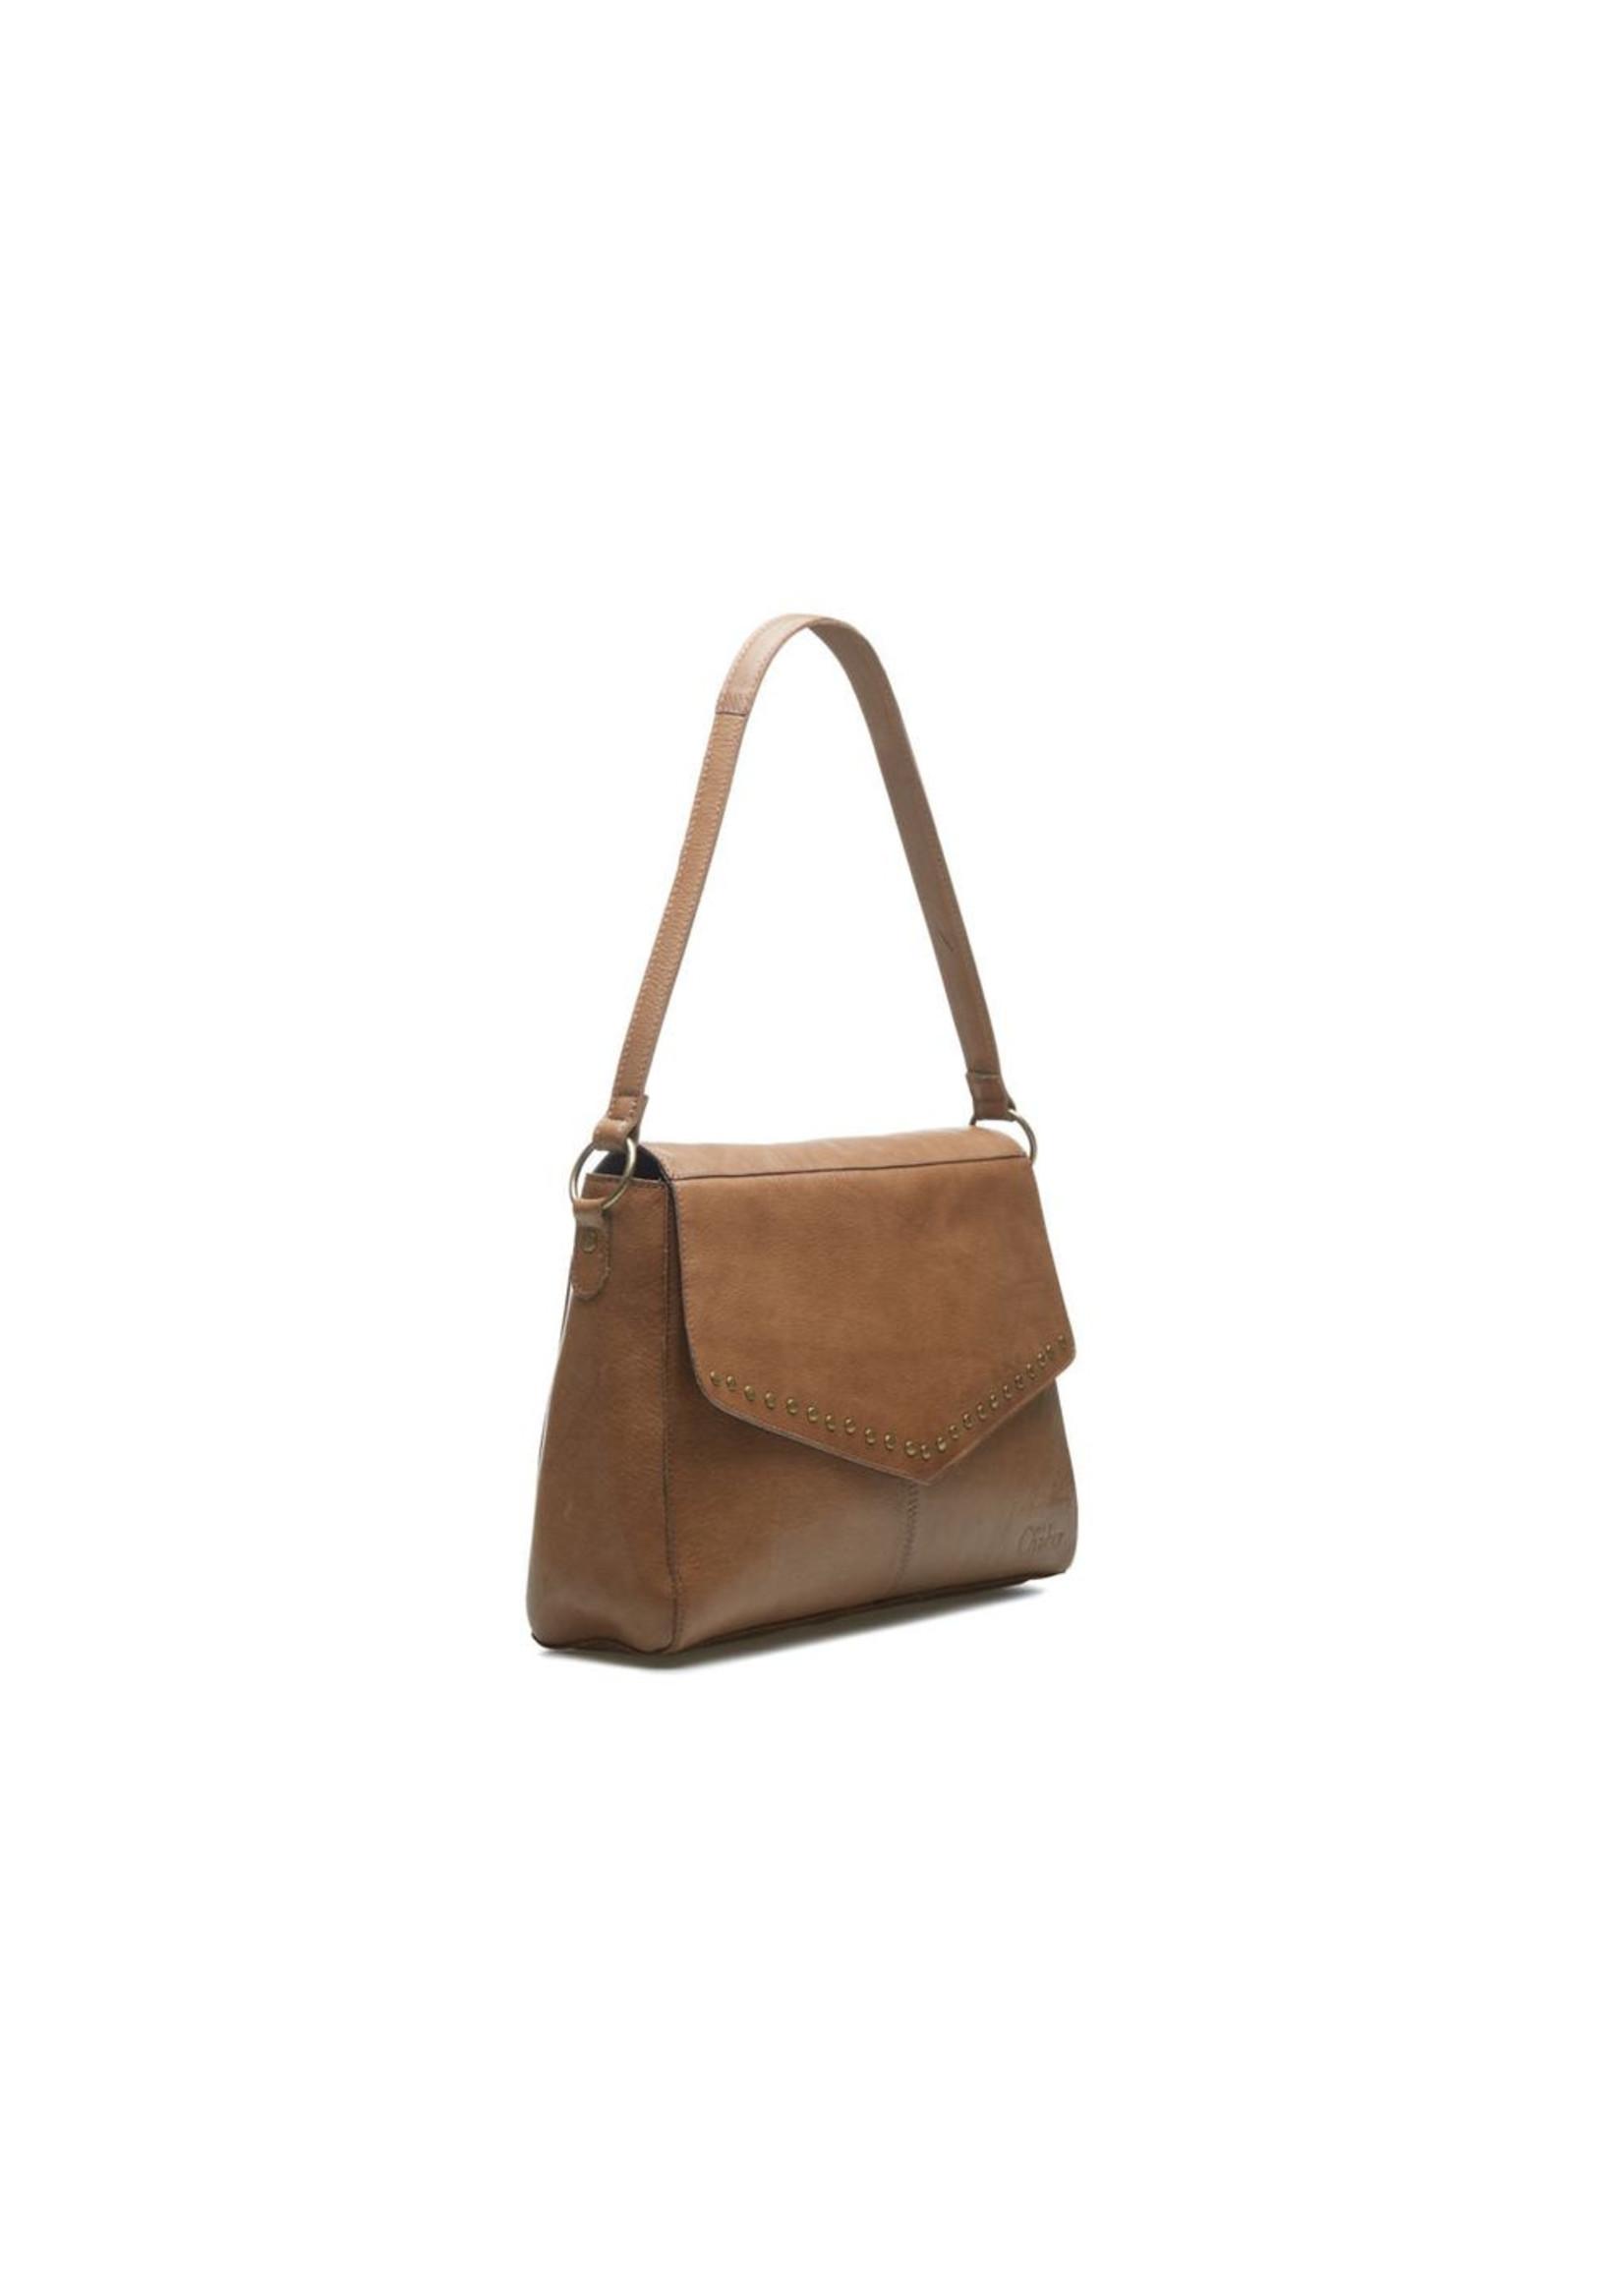 Chabo Bags Susy Studs BIG Fashion Bag Mushroom